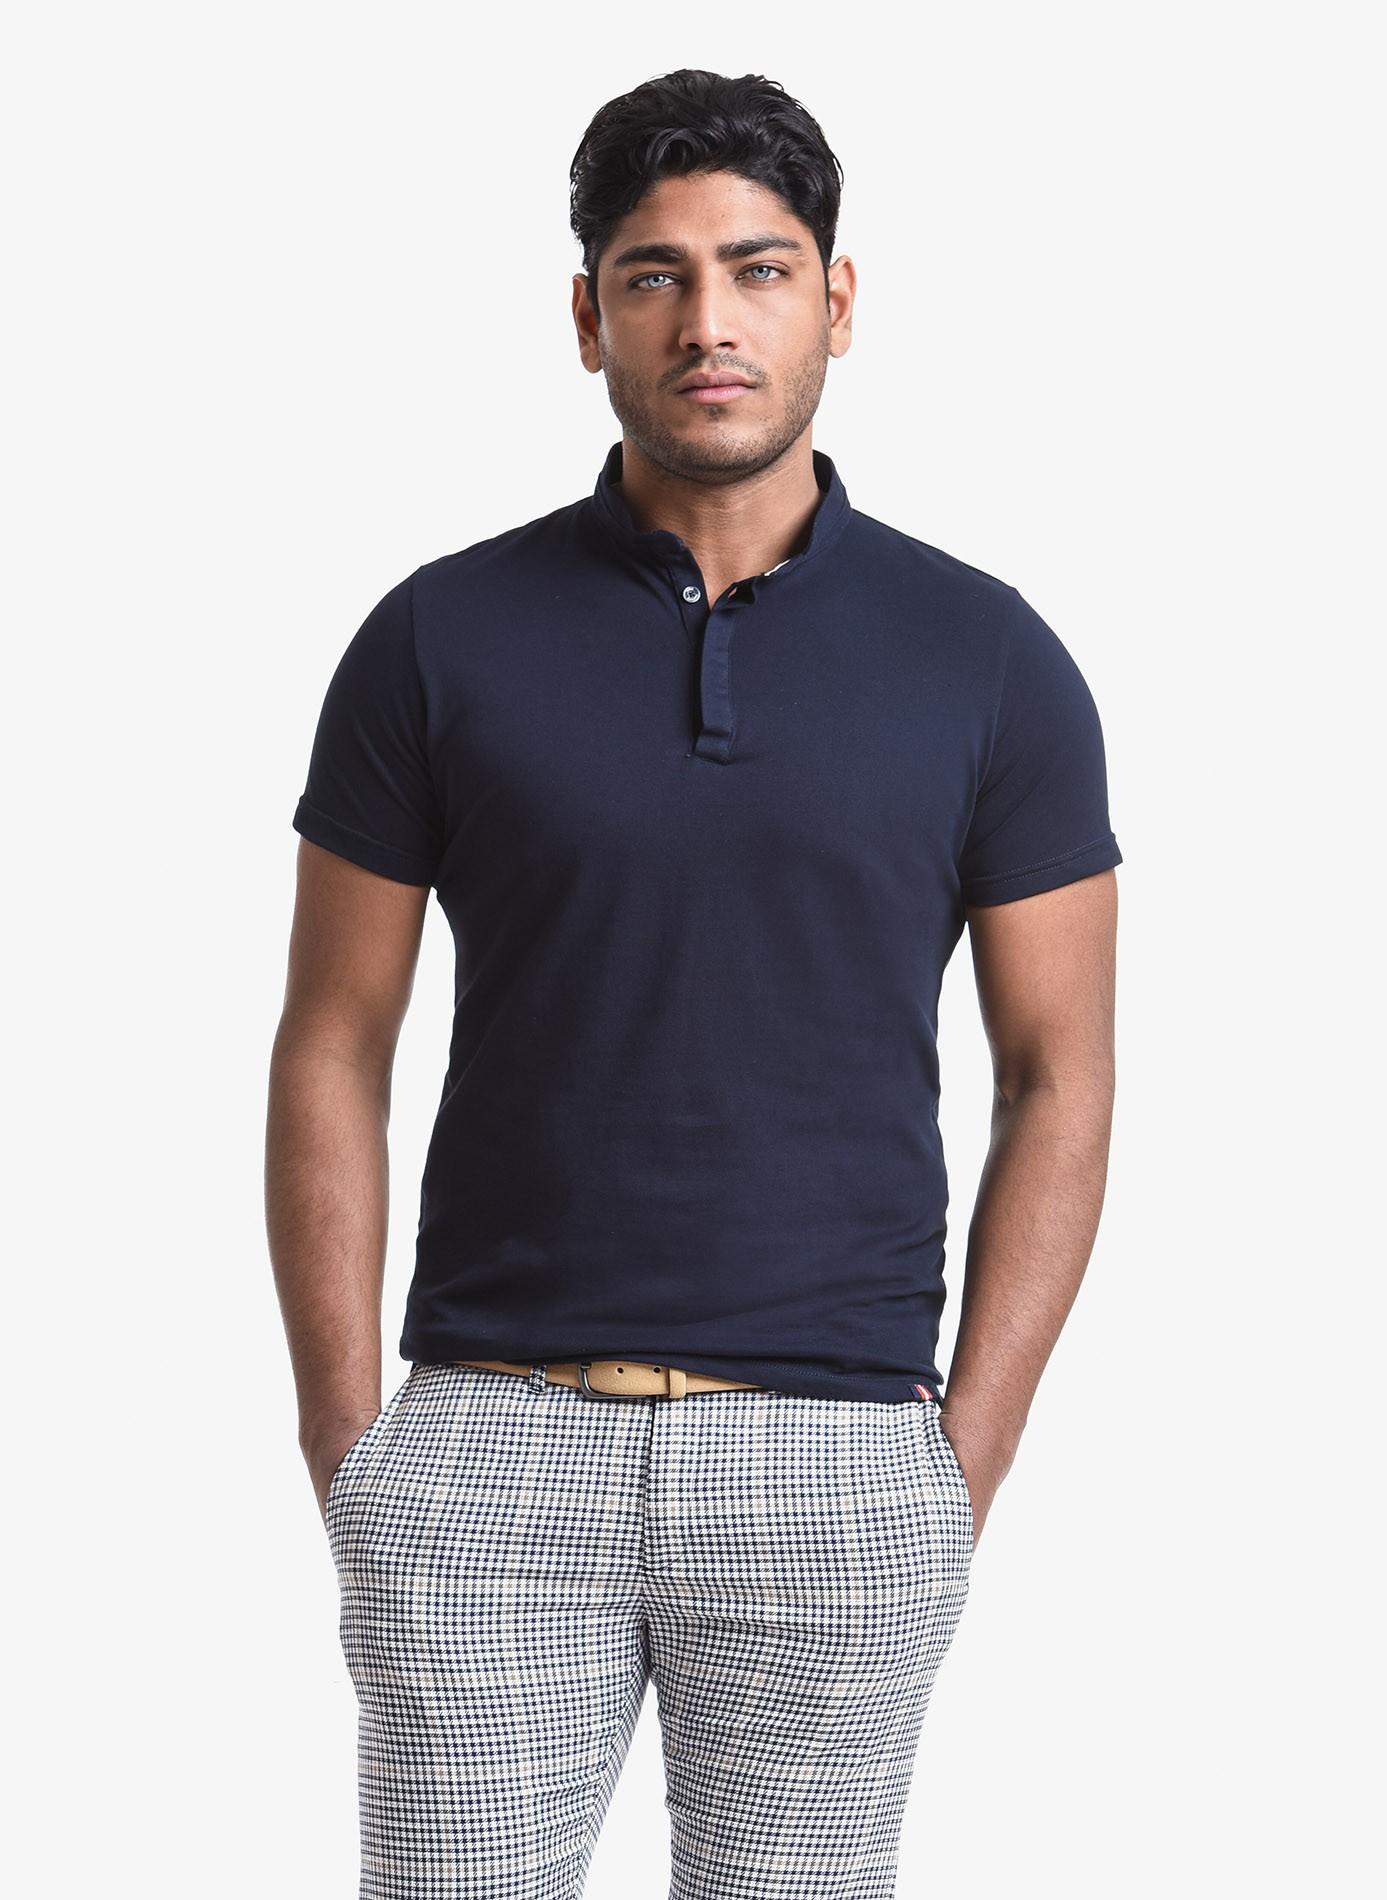 575a6ae43d46 John Barritt man polo shirt